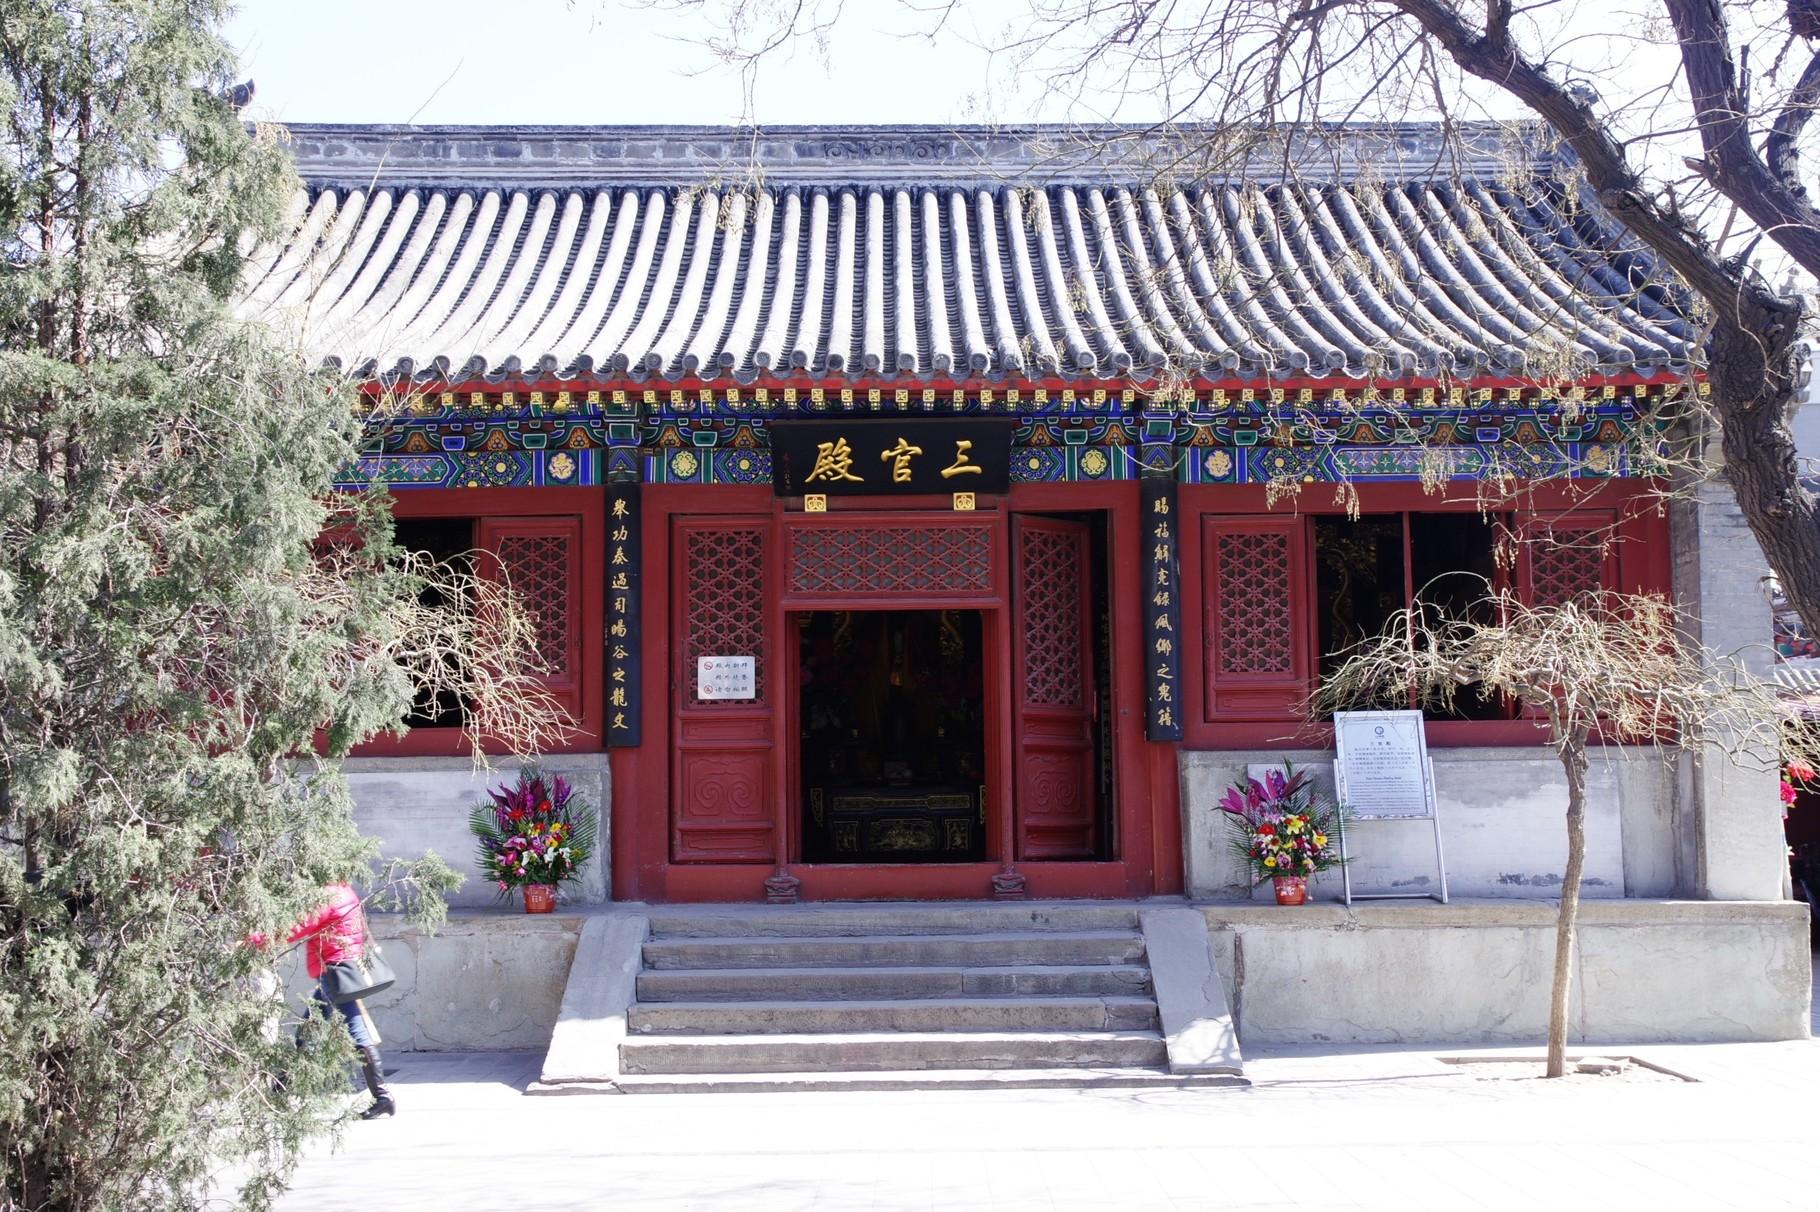 鐘楼の北隣に三官殿